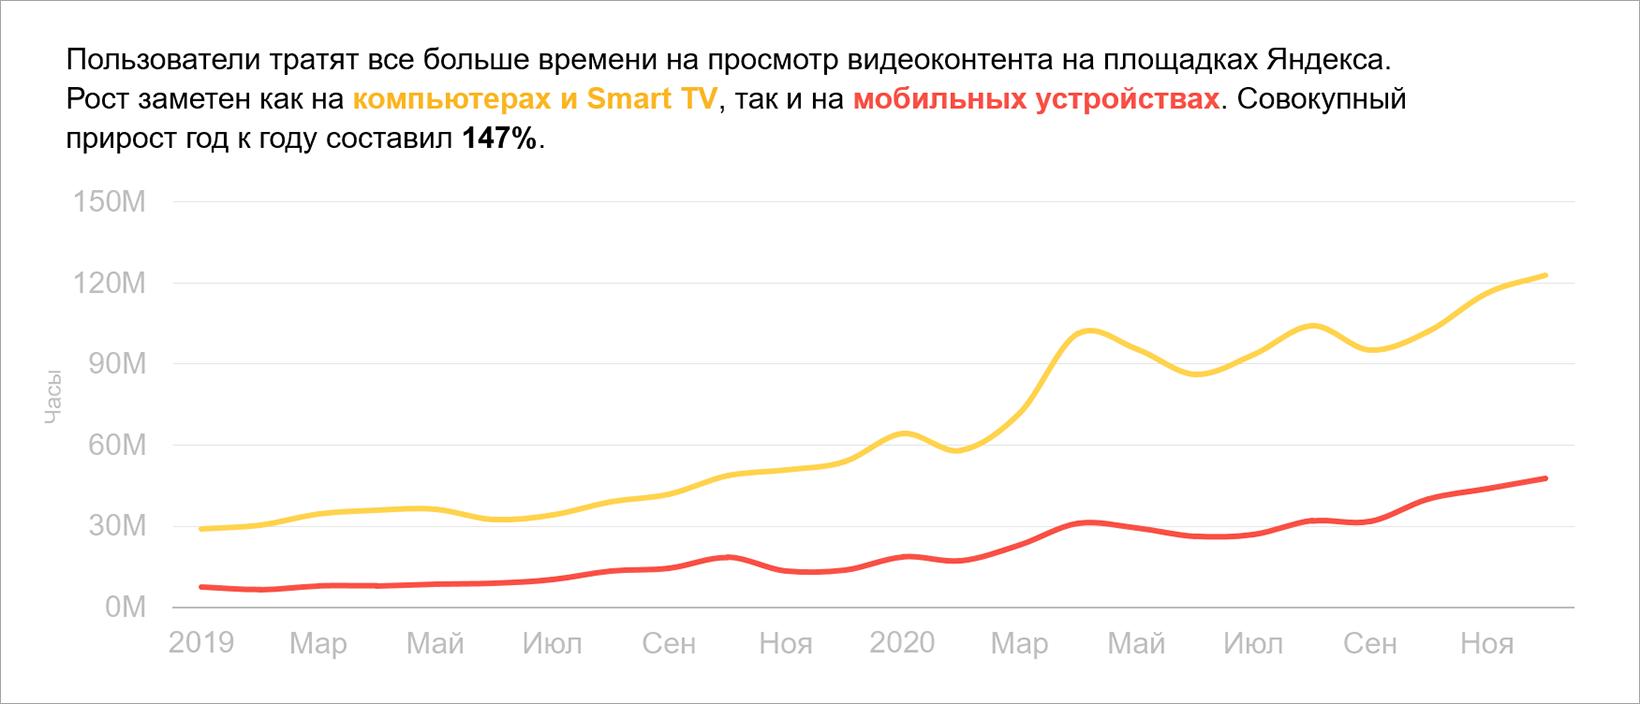 Совокупное время просмотра контента на площадках Яндекса